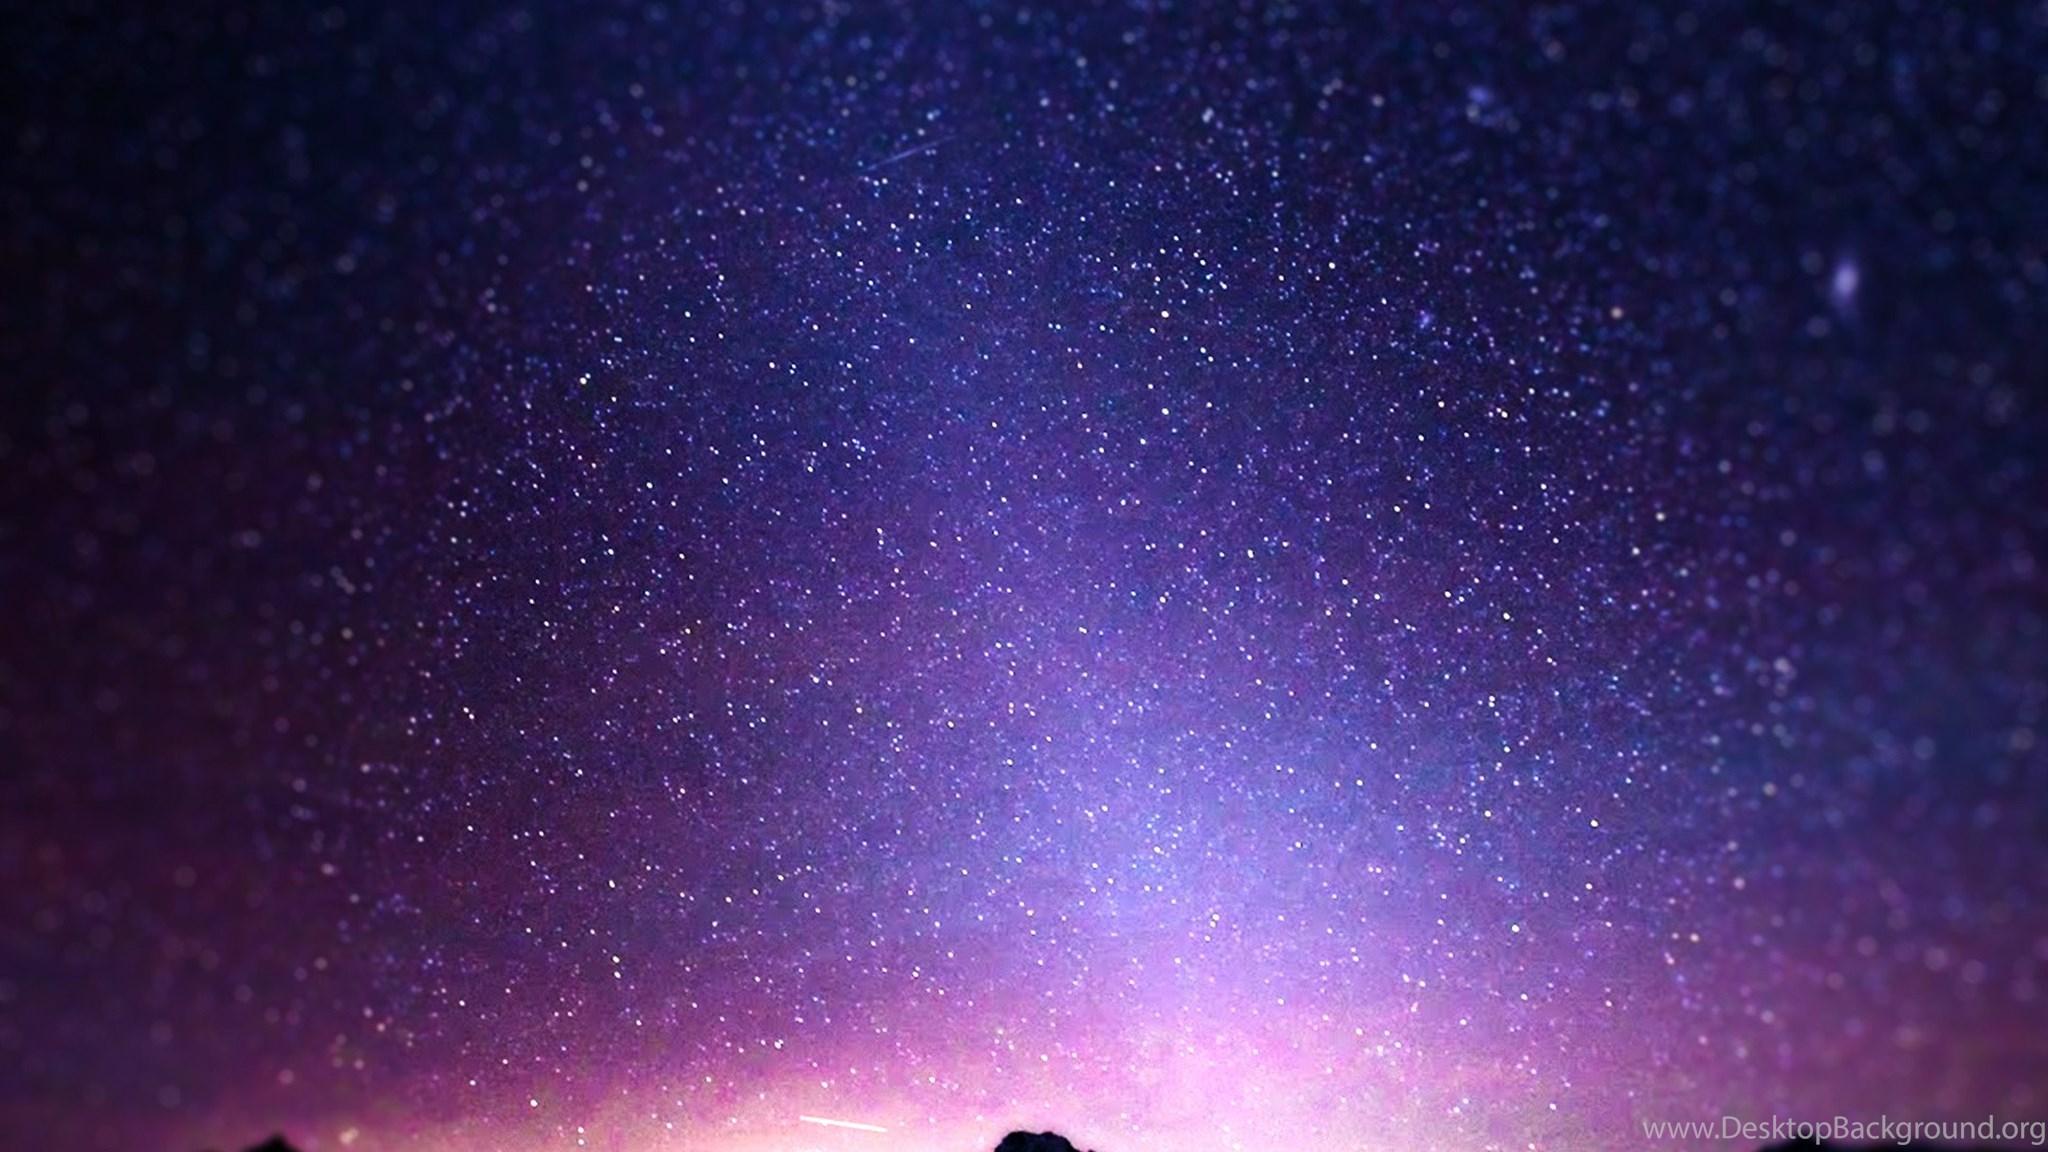 или печеньем картинки небо в звездах для рабочего стола гавань база отдыха